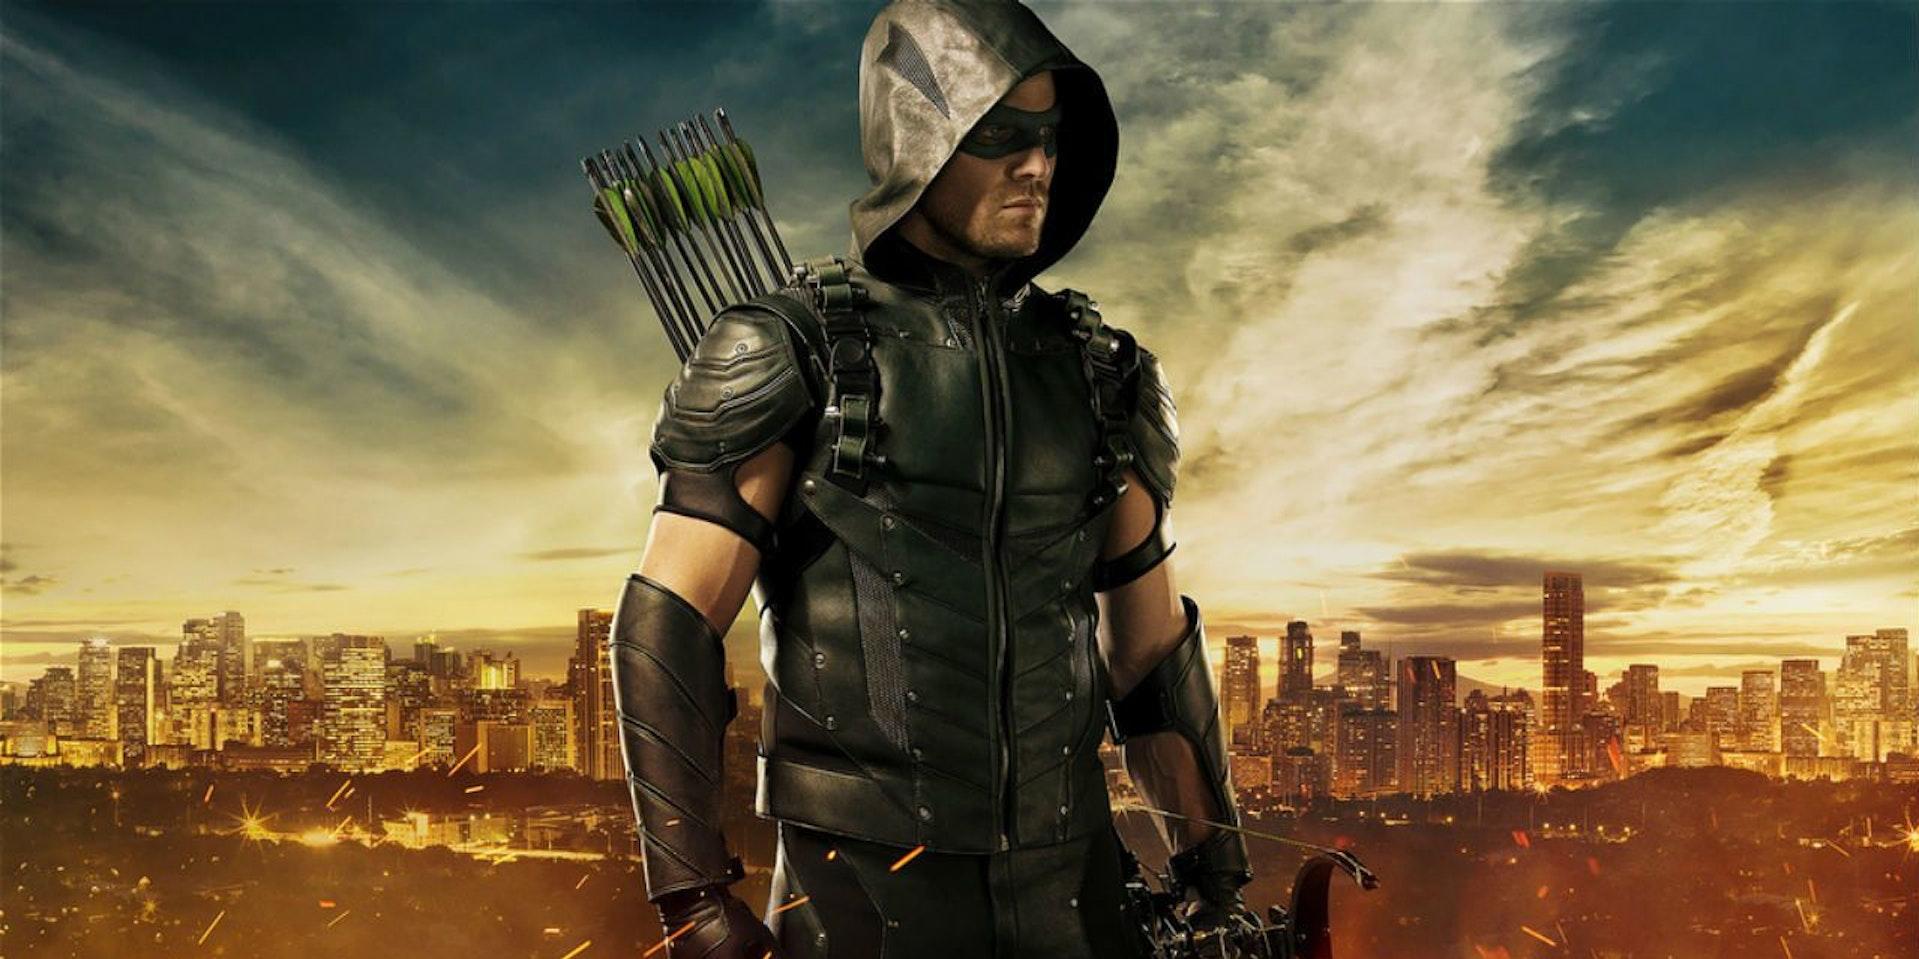 Stephen Amell as Arrow.